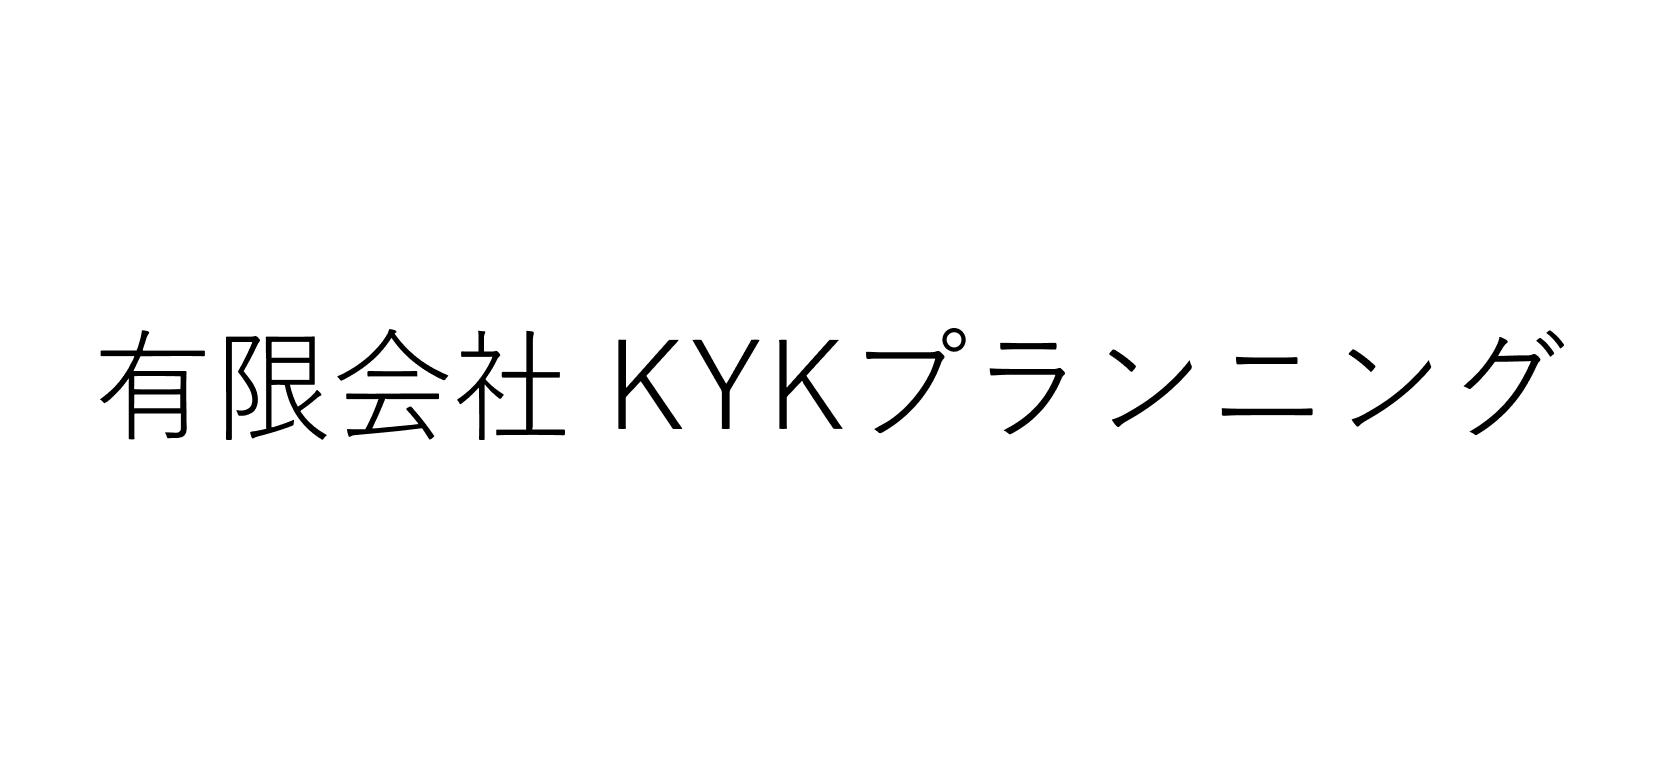 有限会社KYKプランニング